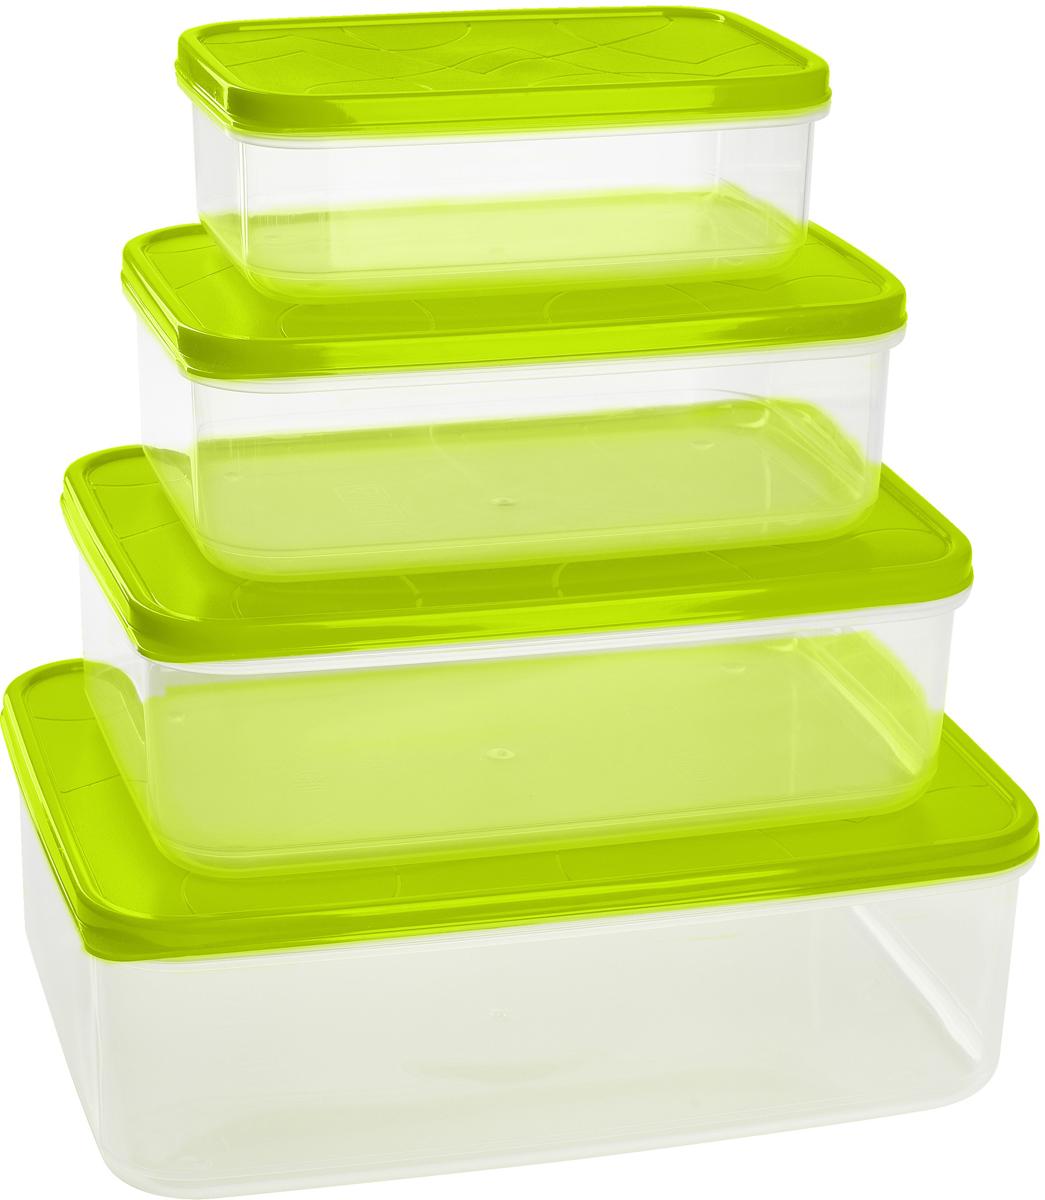 """Герметичные контейнеры от """"Giaretti"""" имеют целый ряд преимуществ:  контейнер подходит для хранения продуктов в морозильной камере, а также для разогрева в  микроволновой печи;  благодаря воздухонепроницаемой крышке продукты хранятся дольше; разные литражи и формы контейнеров.  Контейнеры вкладываются друг в друга по принципу матрешки экономя пространство при  хранении.  Объем контейнеров: 0,5 л, 1 л, 1,5 л, 2,5 л."""